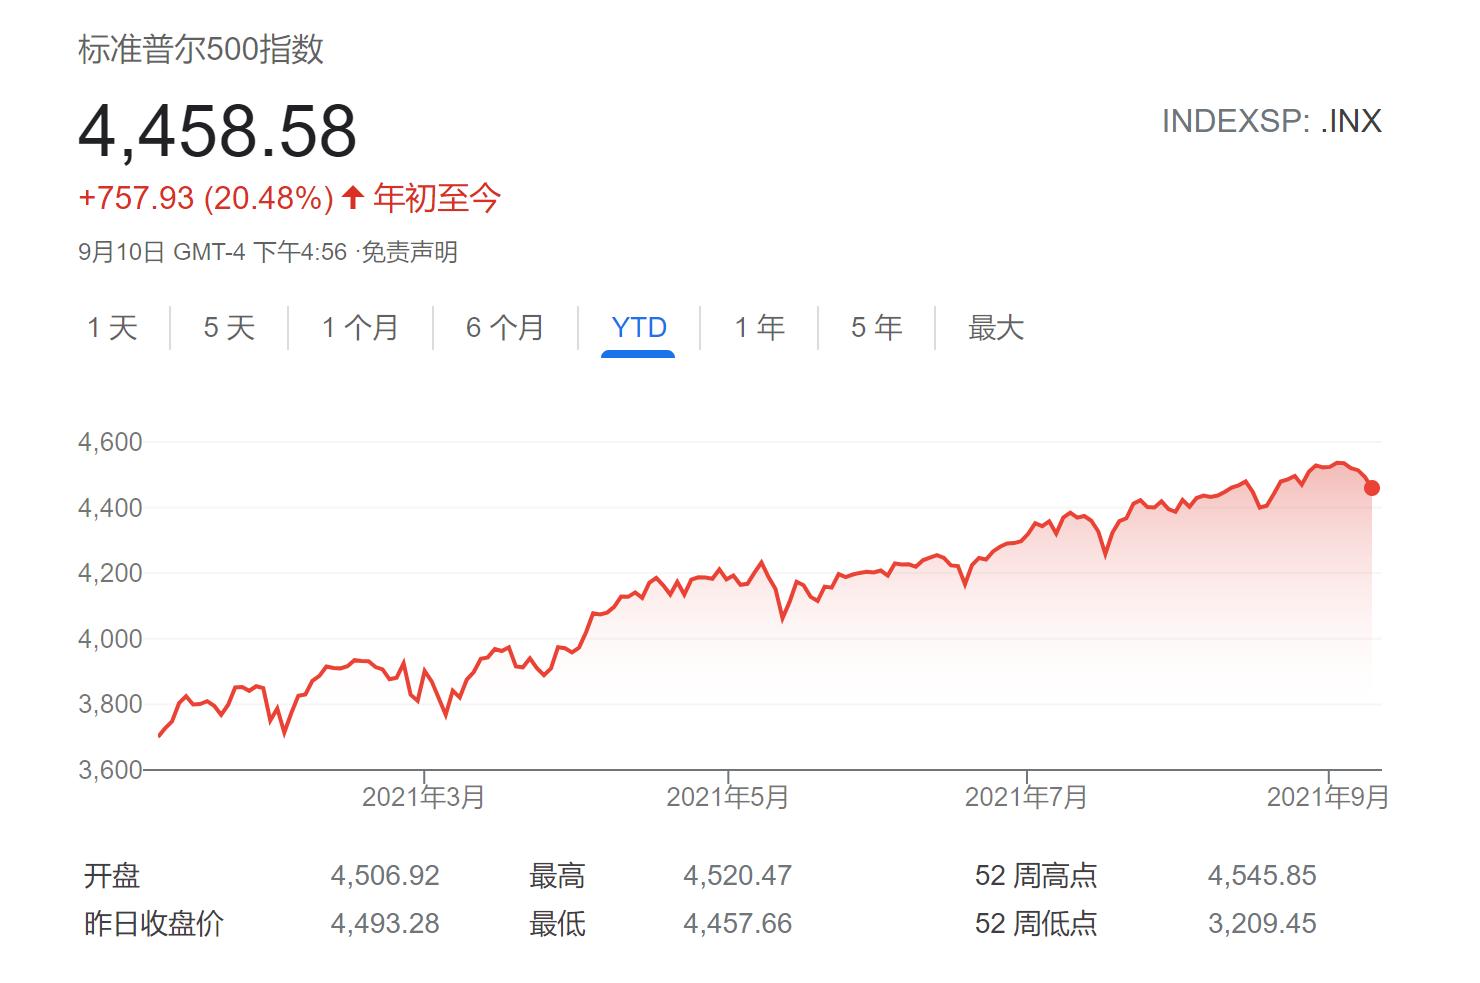 华尔街大行争相拉响警报:美股气数已尽 回调将至